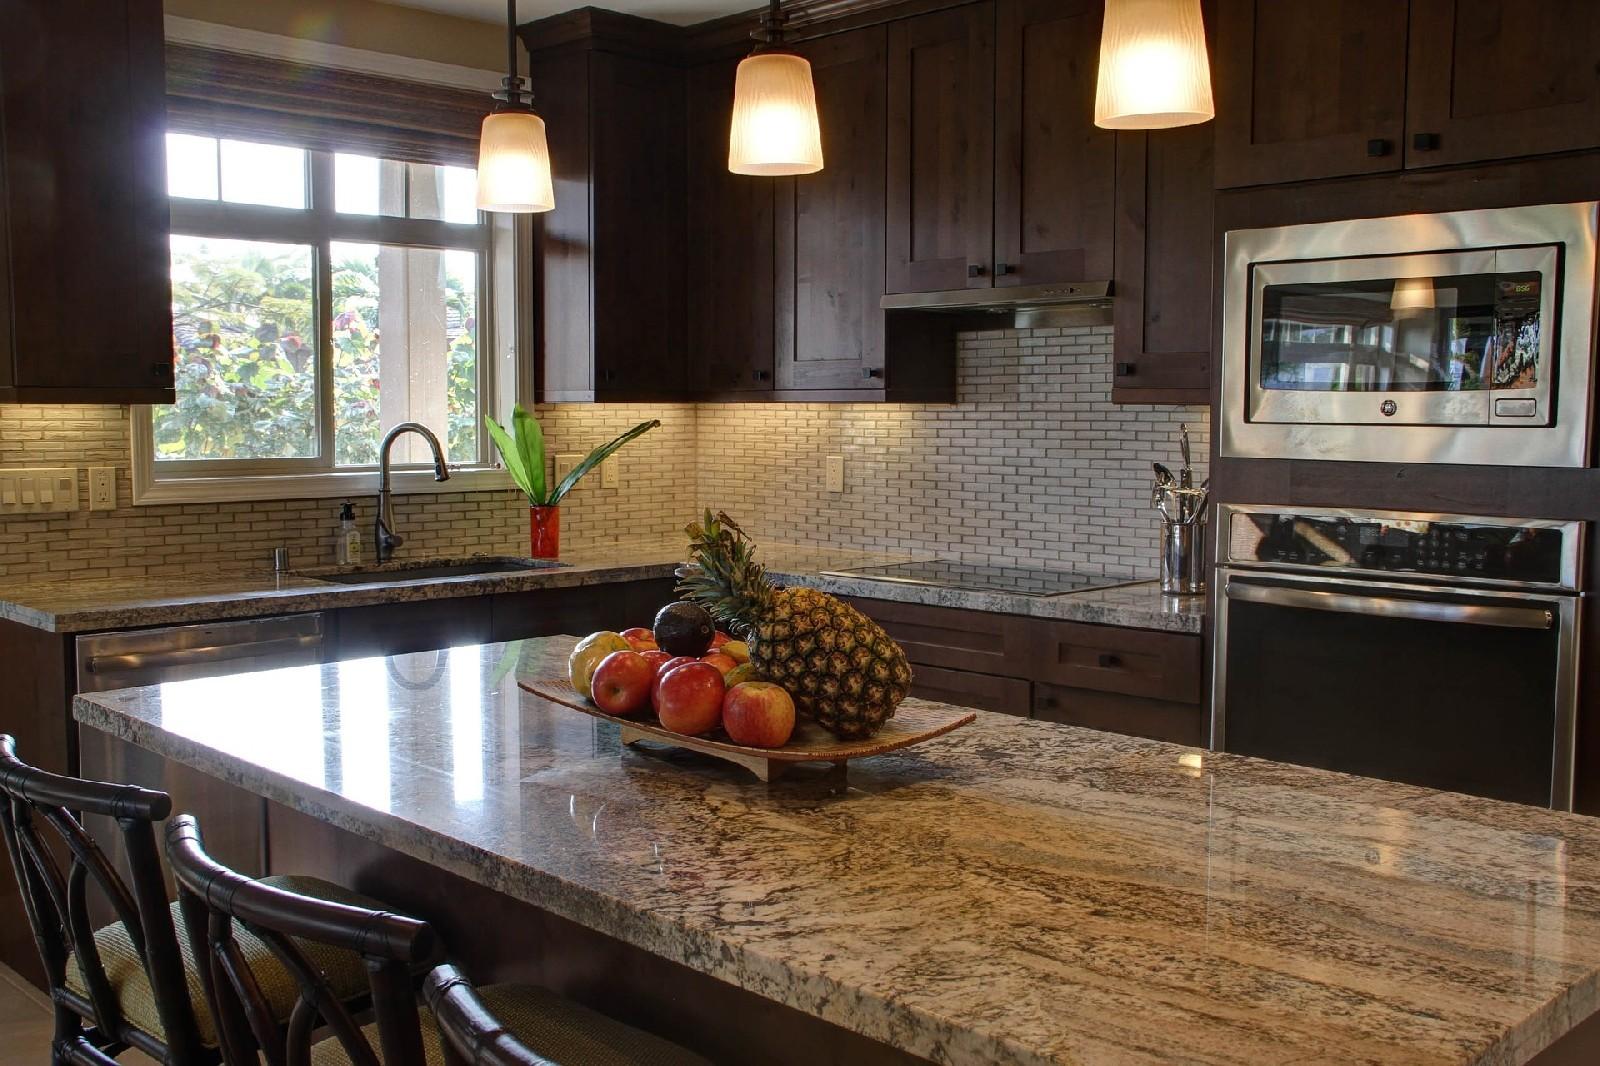 Przygotuj kuchnię, zadbaj o czystość i owoce.